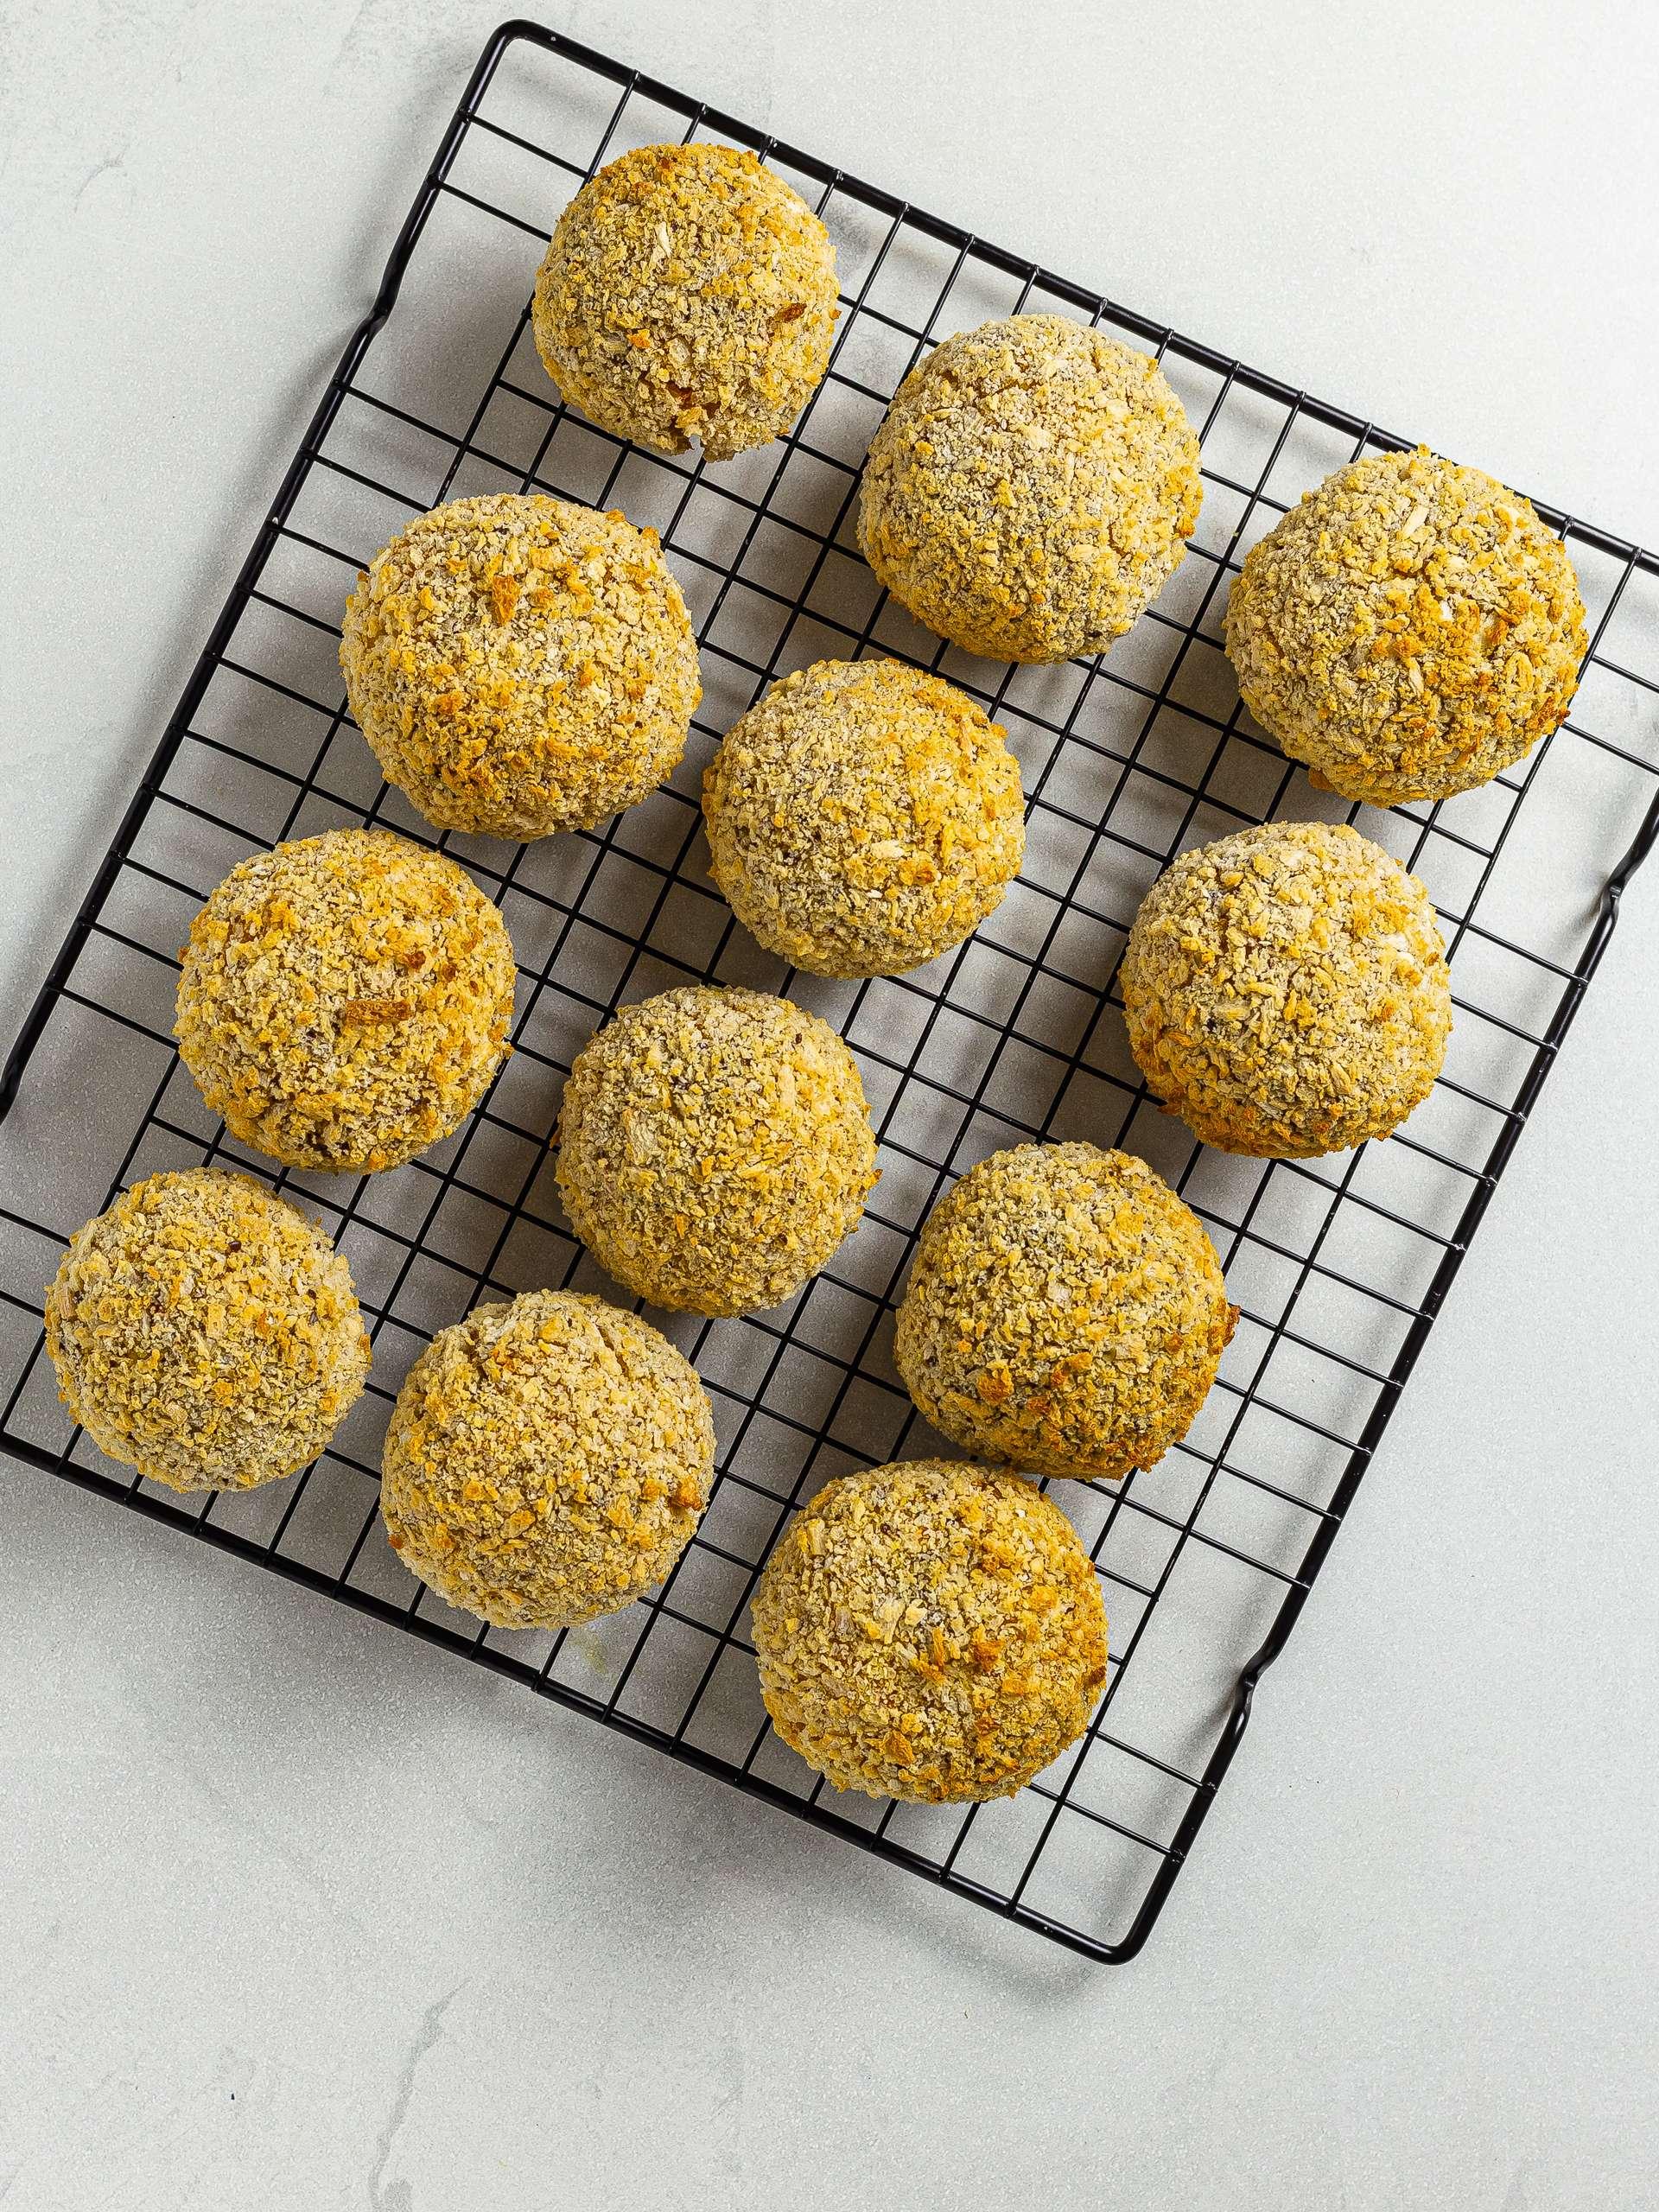 oven-baked lentil bolognese rice balls